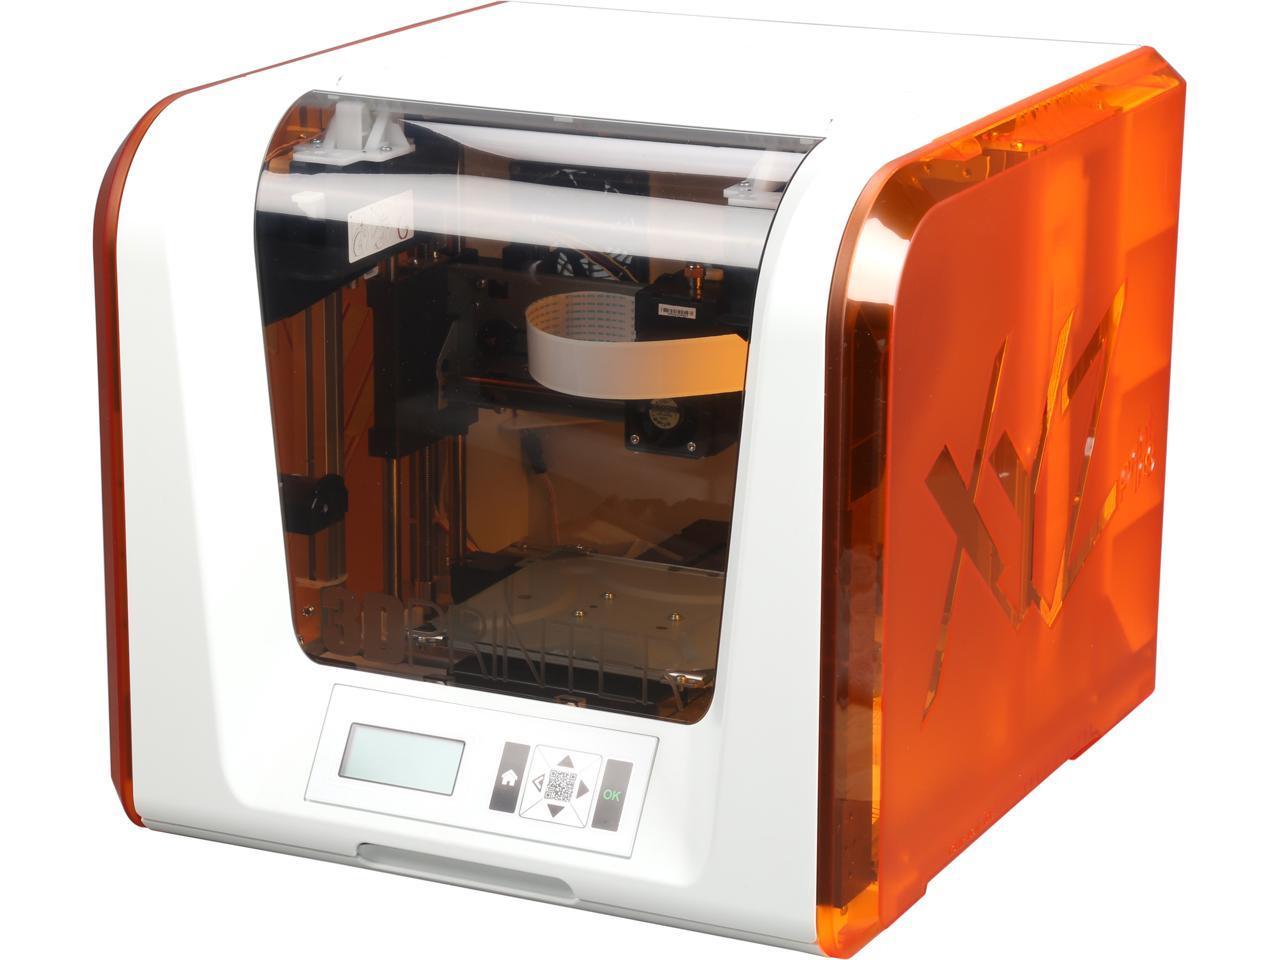 Printers,Newegg.com